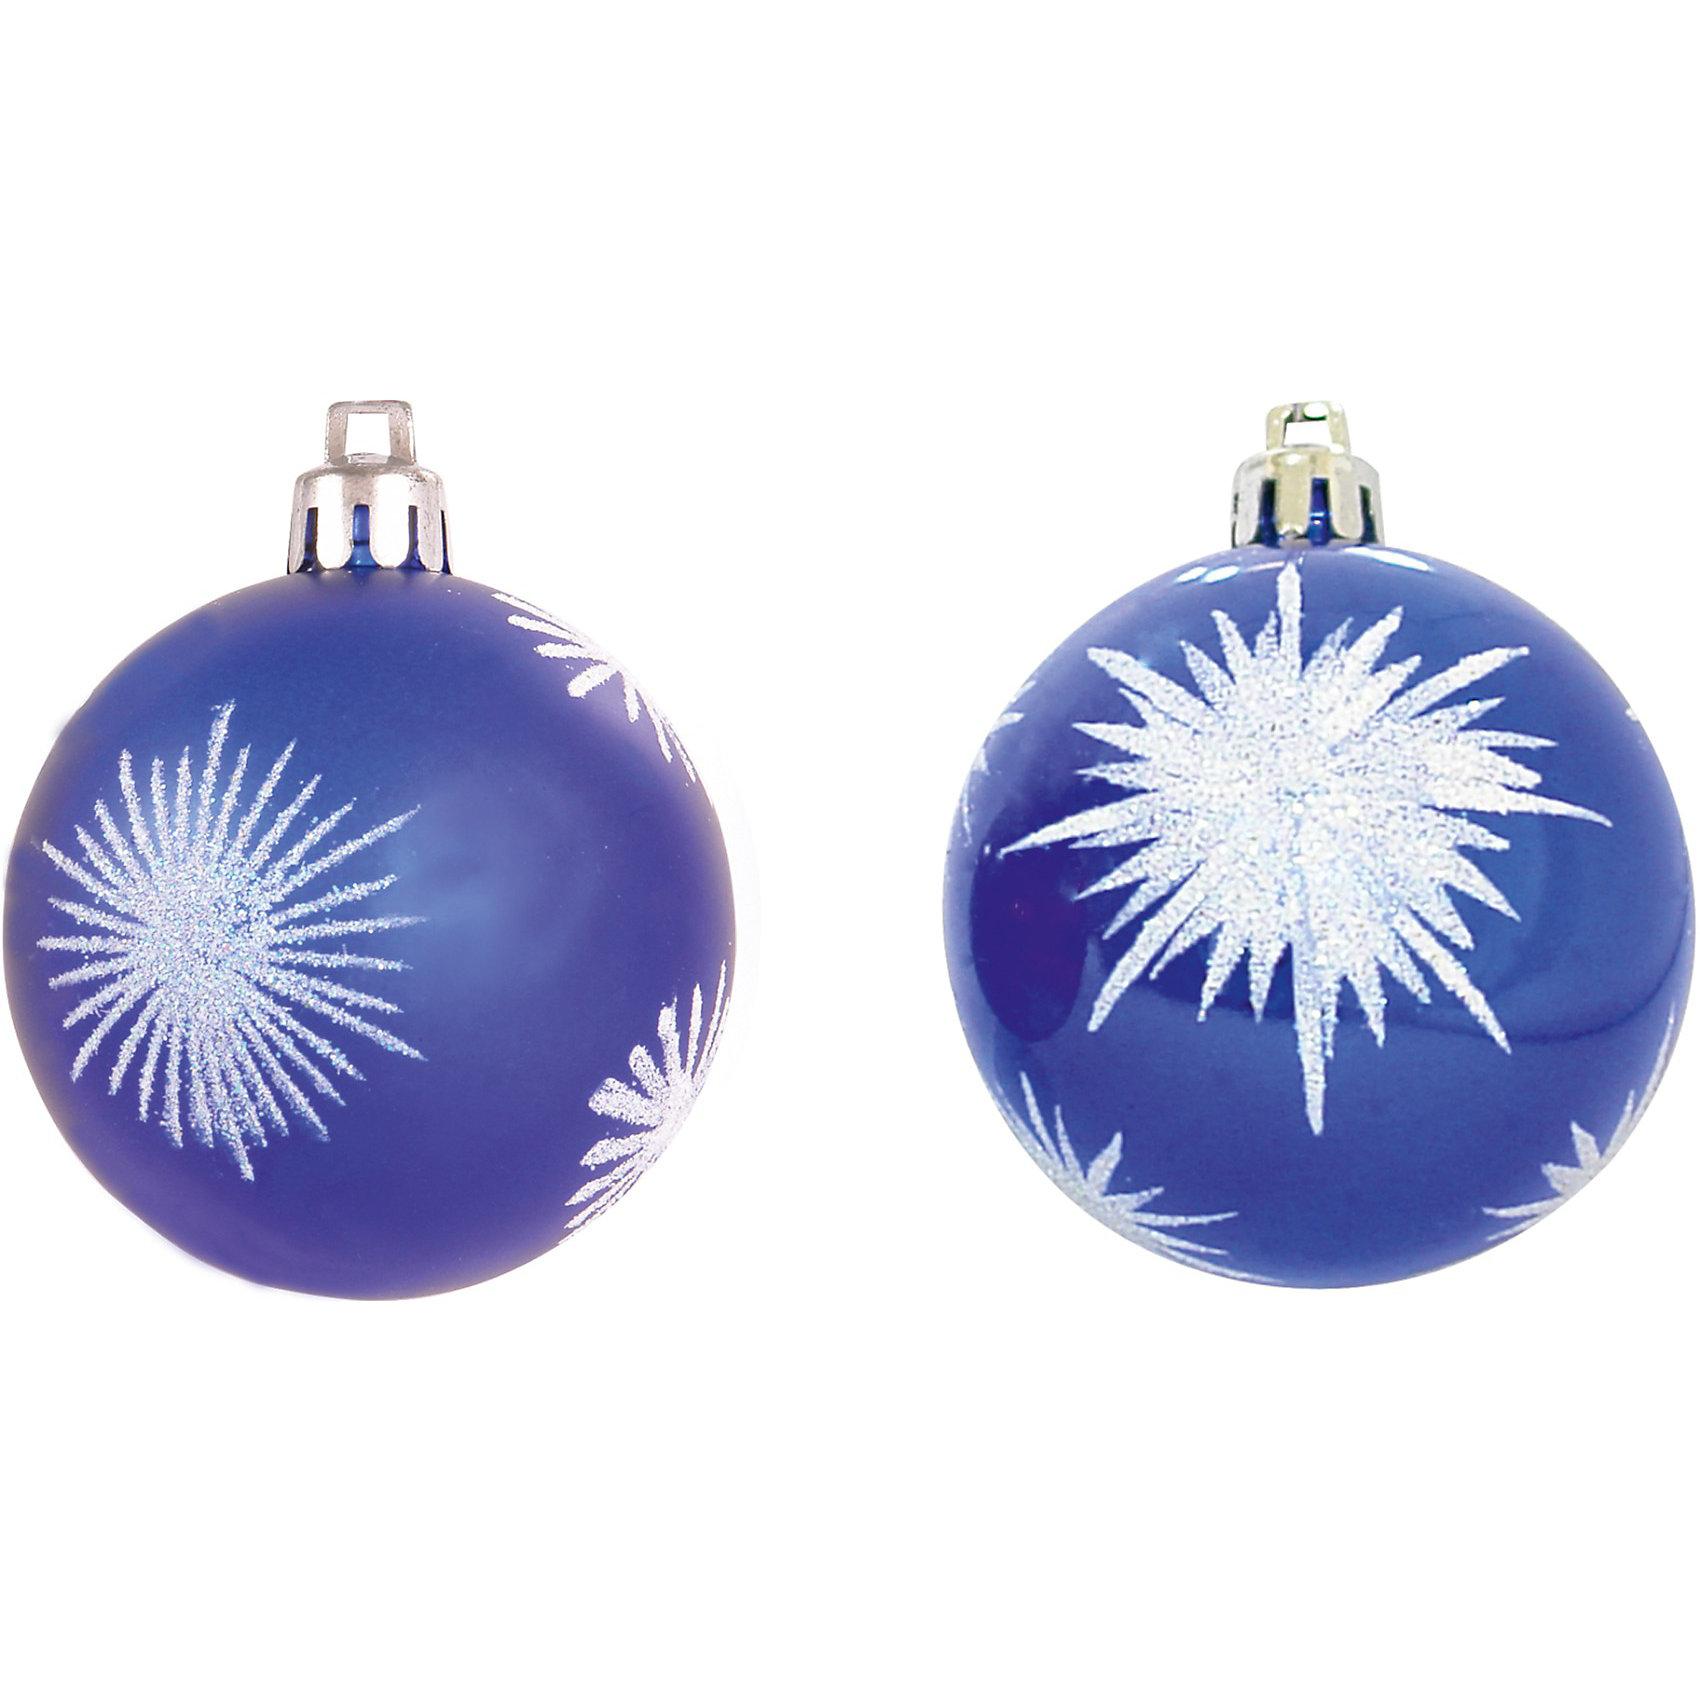 Шары с рисунком, 6 см, 6 шт., цвет - синийШары с рисунком, Волшебная страна станут замечательным украшением для Вашей новогодней елки и помогут создать праздничную волшебную атмосферу. В комплекте шесть<br>синих шаров, украшенных снежинками, они будут чудесно смотреться на елке и радовать детей и взрослых. Шары упакованы в прозрачную коробочку из ПВХ.<br><br>Дополнительная информация:<br><br>- Цвет: синий.<br>- В комплекте: 6 шт.<br>- Диаметр шара: 6 см.<br>- Размер упаковки: 17,7 x 6 x 11,7 см.<br>- Вес: 87 гр.<br><br>Шары с рисунком, Волшебная страна, можно купить в нашем интернет-магазине.<br><br>Ширина мм: 370<br>Глубина мм: 60<br>Высота мм: 120<br>Вес г: 87<br>Возраст от месяцев: 60<br>Возраст до месяцев: 180<br>Пол: Унисекс<br>Возраст: Детский<br>SKU: 3791383